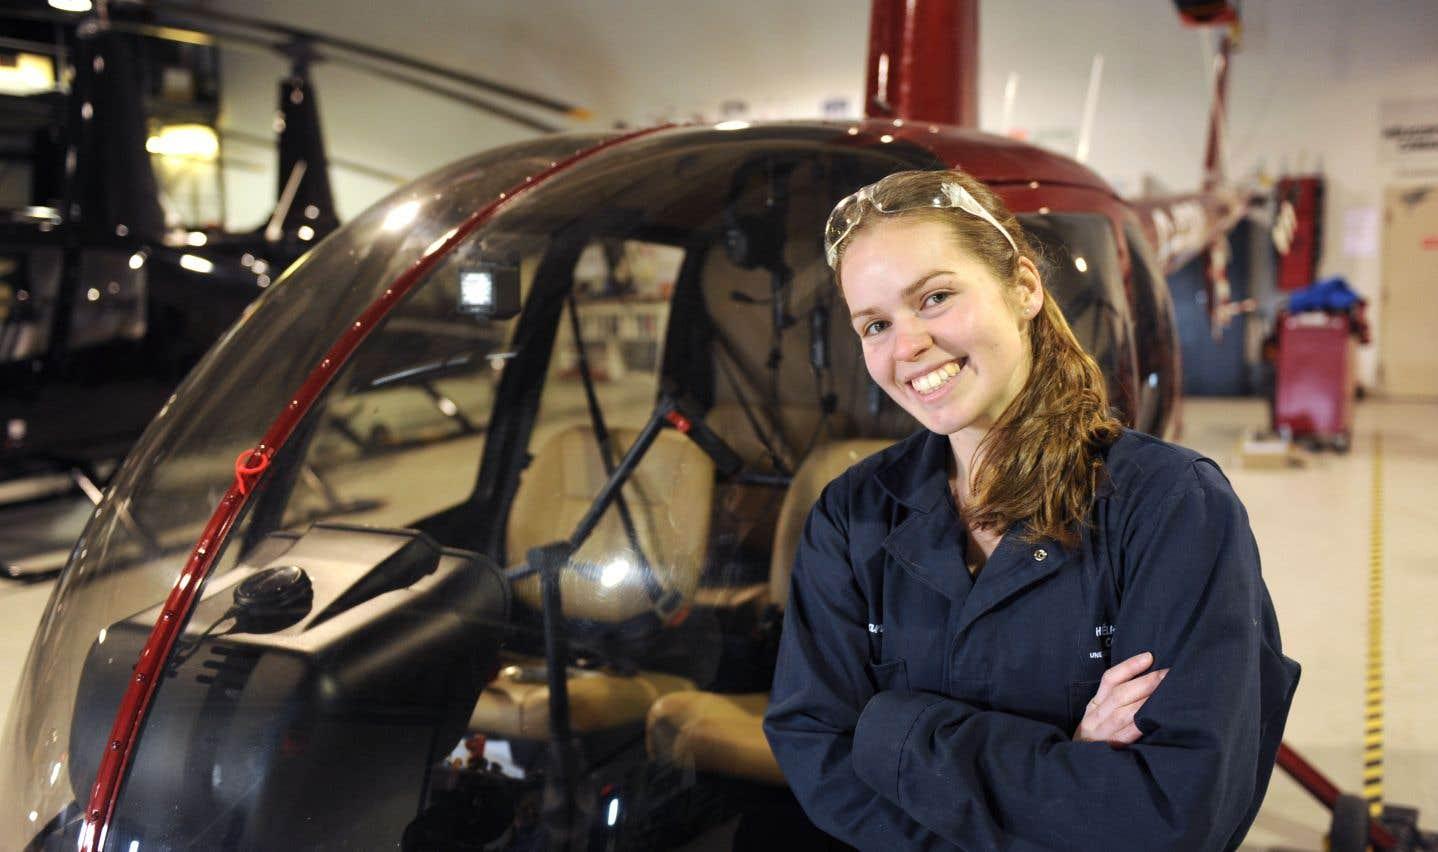 Finissante au baccalauréat en génie mécanique, Roxane Roy a fait un séjour d'études de huit mois à l'Université polytechnique de Valence, en Espagne.